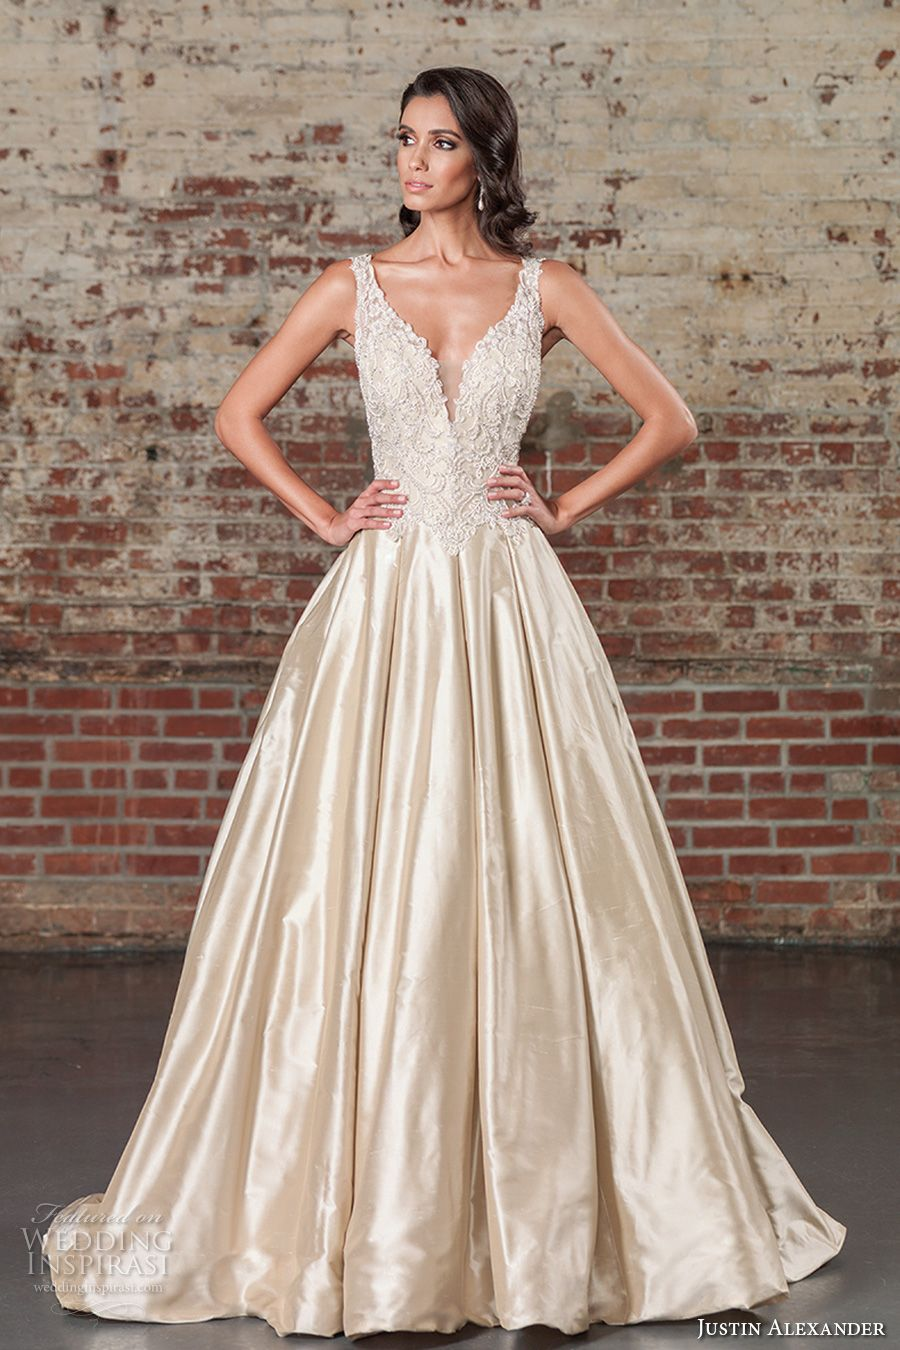 Justin Alexander Spring 2017 Bridal Sleeveless Thick Strap Deep Plunging V Neck Heavily Embellished Bodice Satin Skirt Champagne Color Elegant A Line